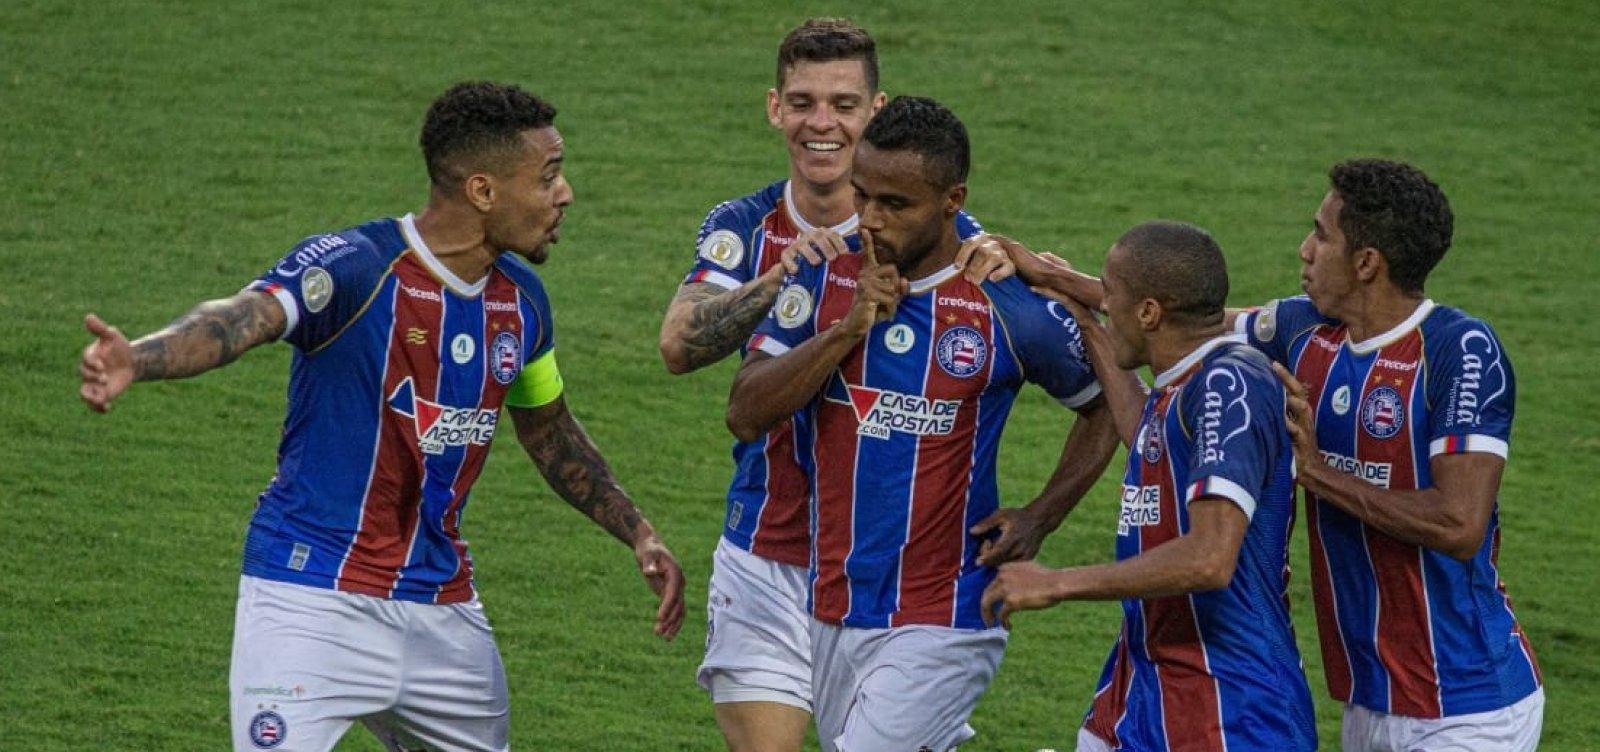 Bahia vence o Coritiba por 2 a 1 de virada fora de casa